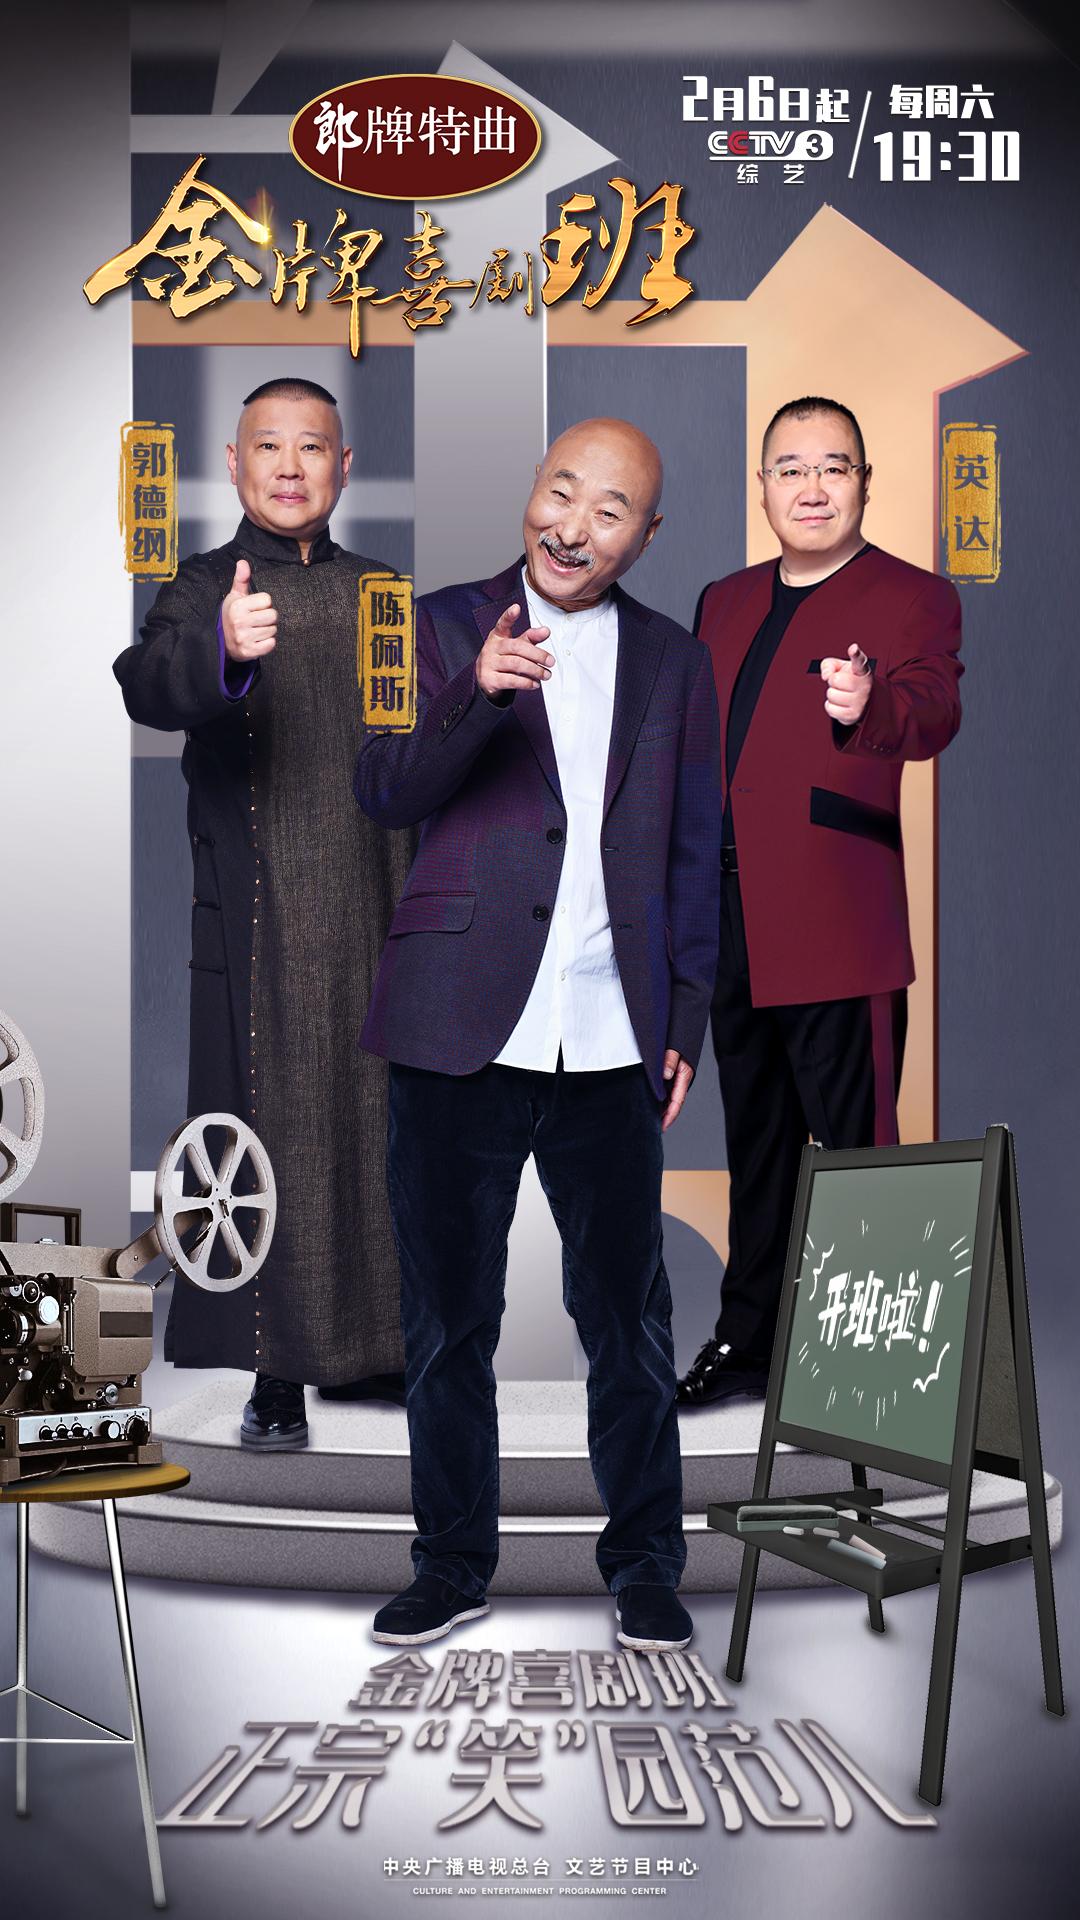 摩登6娱乐《金牌喜剧班》开播 开启国内首档喜剧传承类综艺(图1)